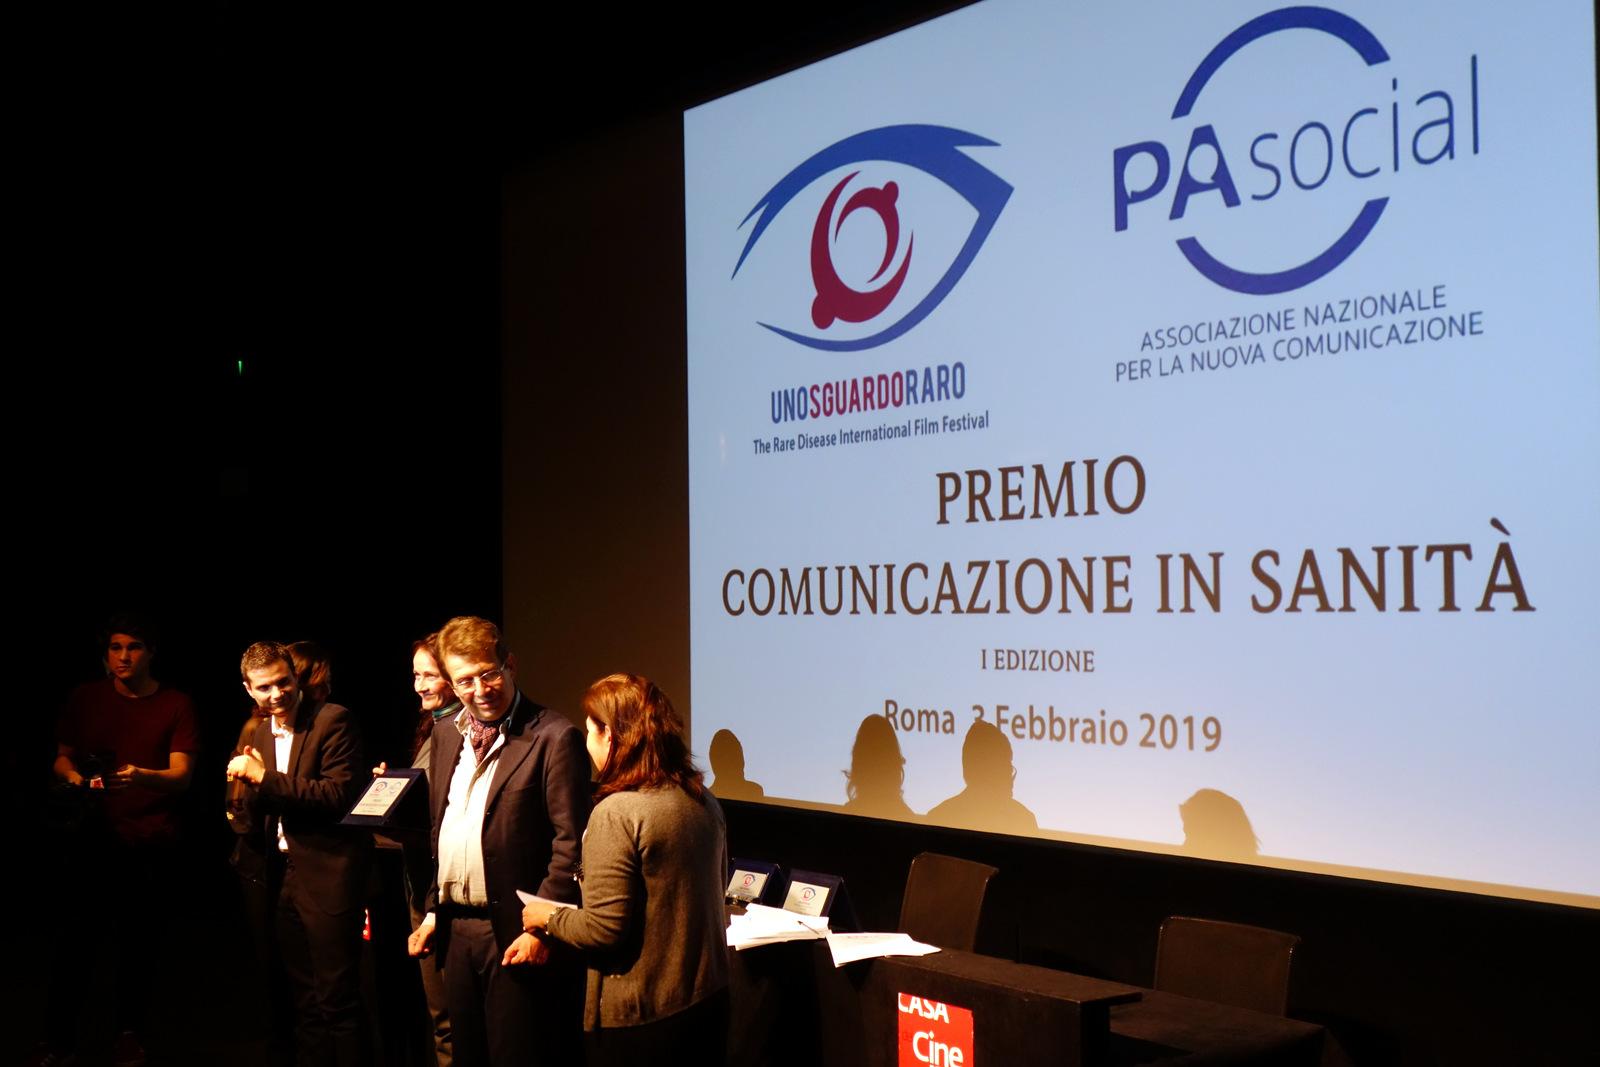 premio comunicazione in sanità 3 febbraio 2019